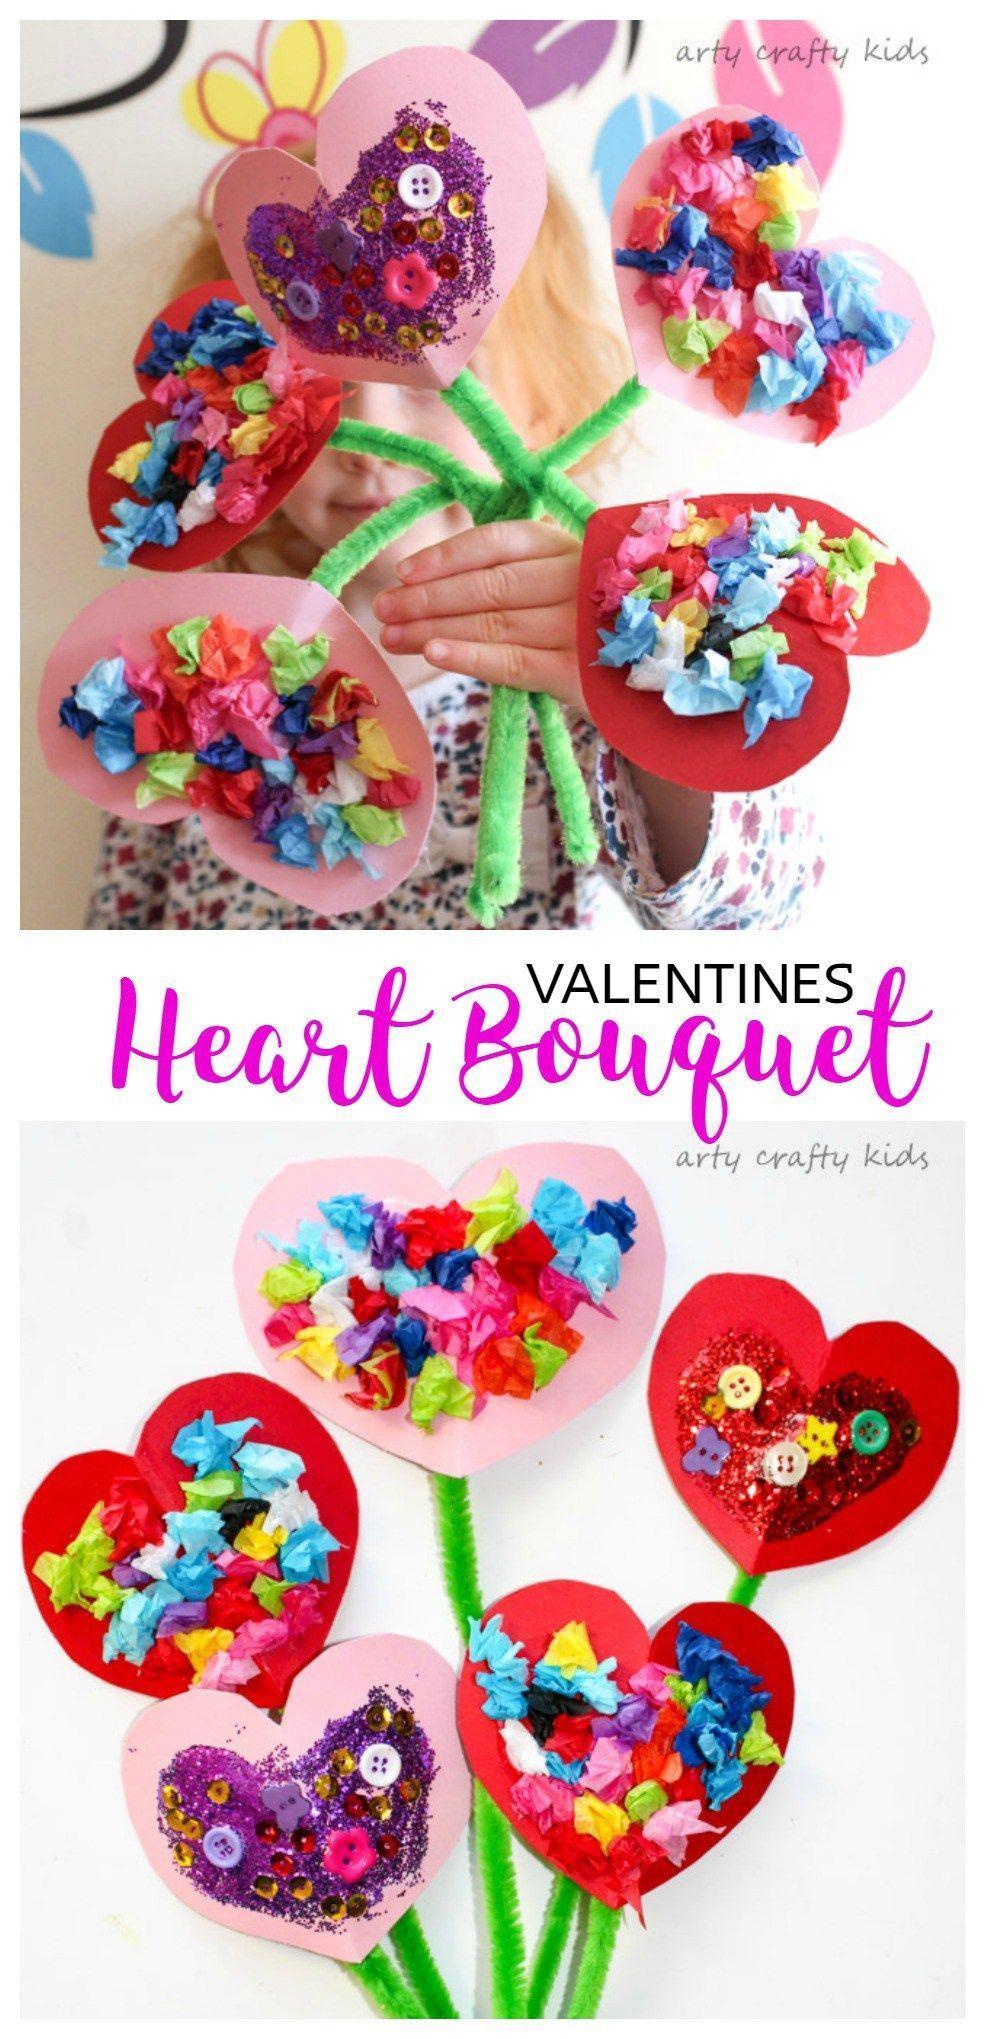 Kid Valentine Craft Ideas Part - 41: Arty Crafty Kids | Valentines | Craft Ideas For Kids | Toddler Valentines  Heart Bouquet |